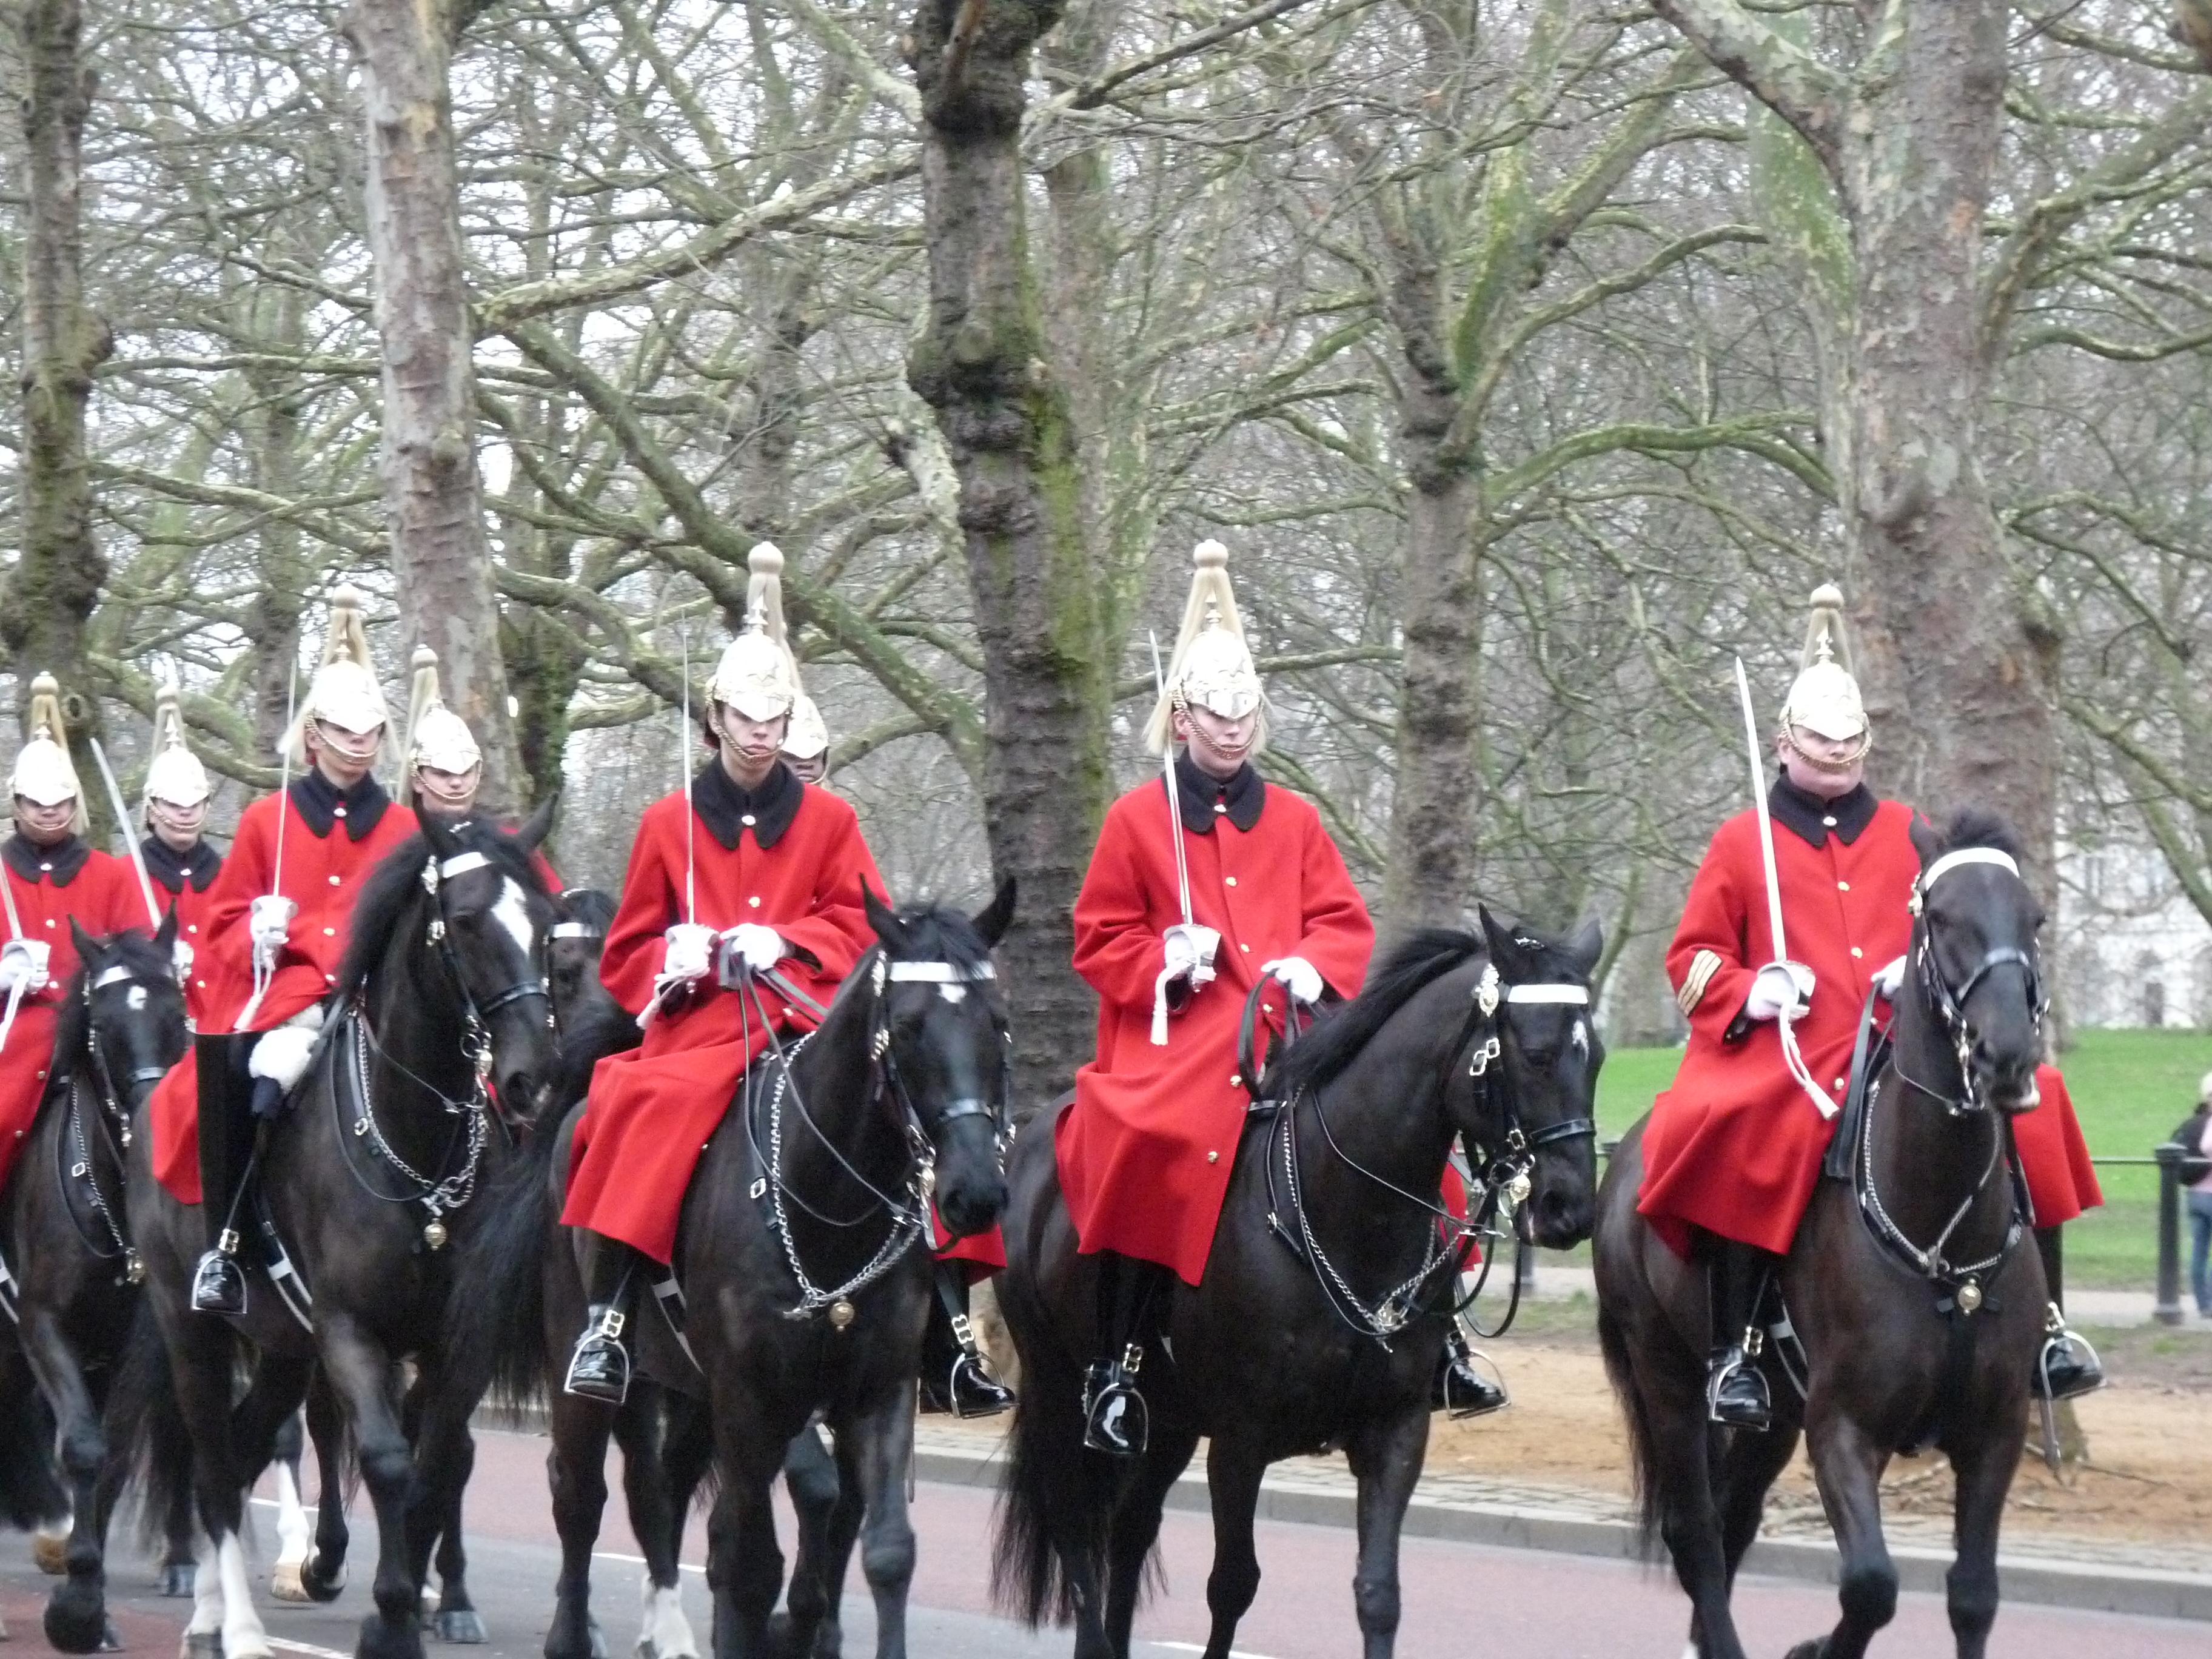 Guarda montada a caballo de la reina. Tour de Westminster